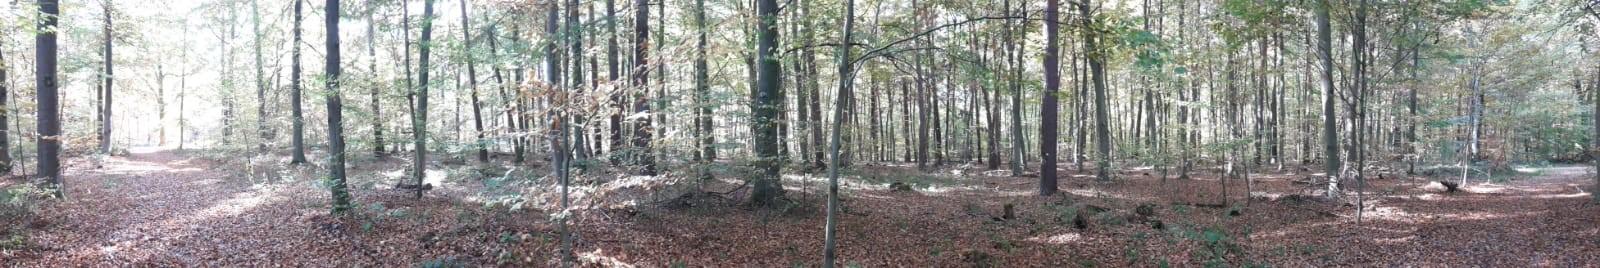 Interview mit der Rheinpfalz zu den Baumfällungen im Stadtwald / Irmgard Münch-Weinmann